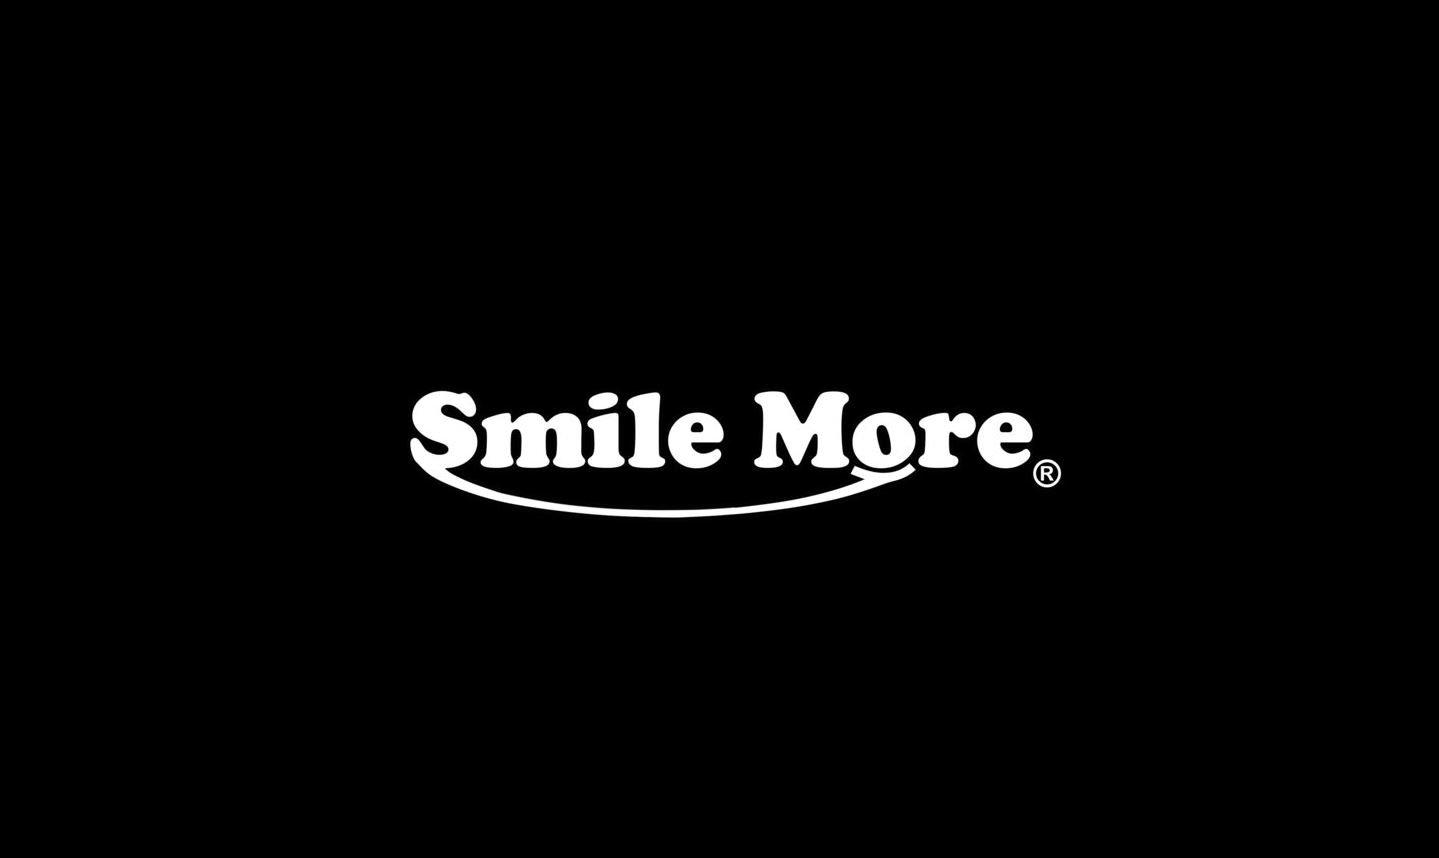 Smile more ph smilemorepinas twitter for More com